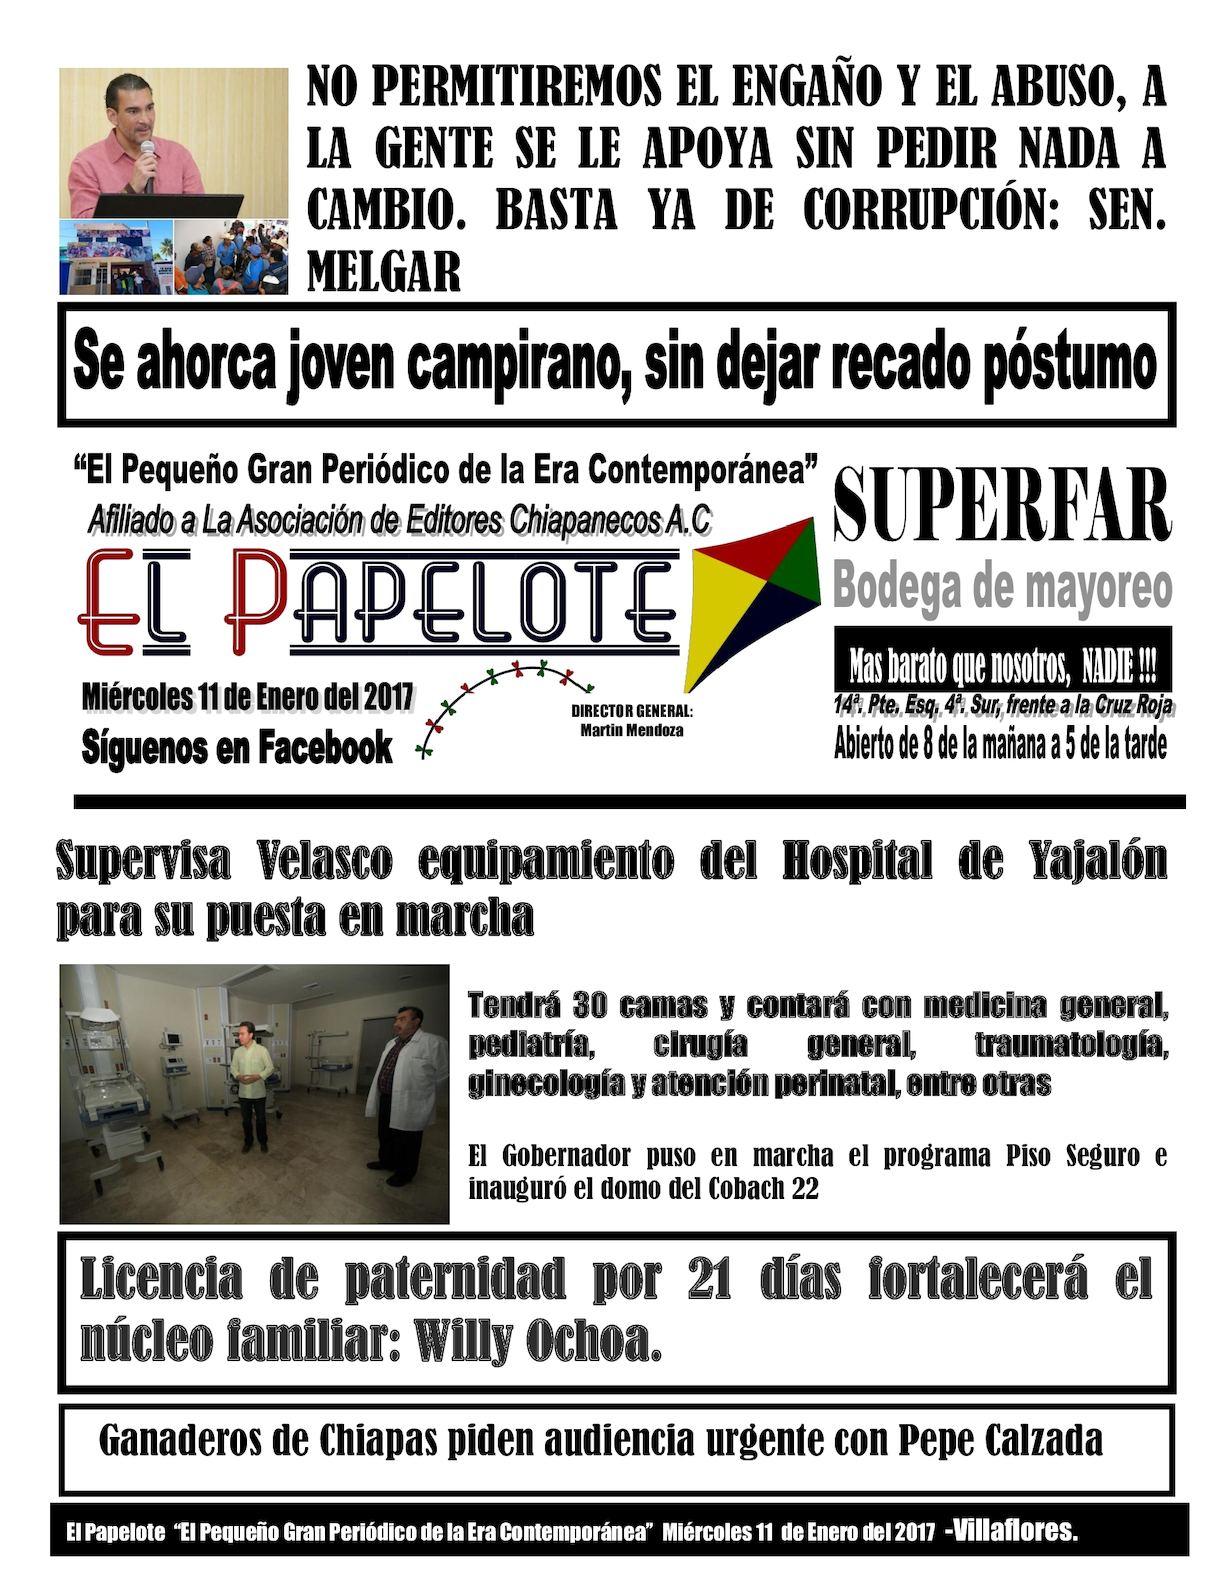 Calaméo - El Papelote - Miércoles 11 de Enero de 2017